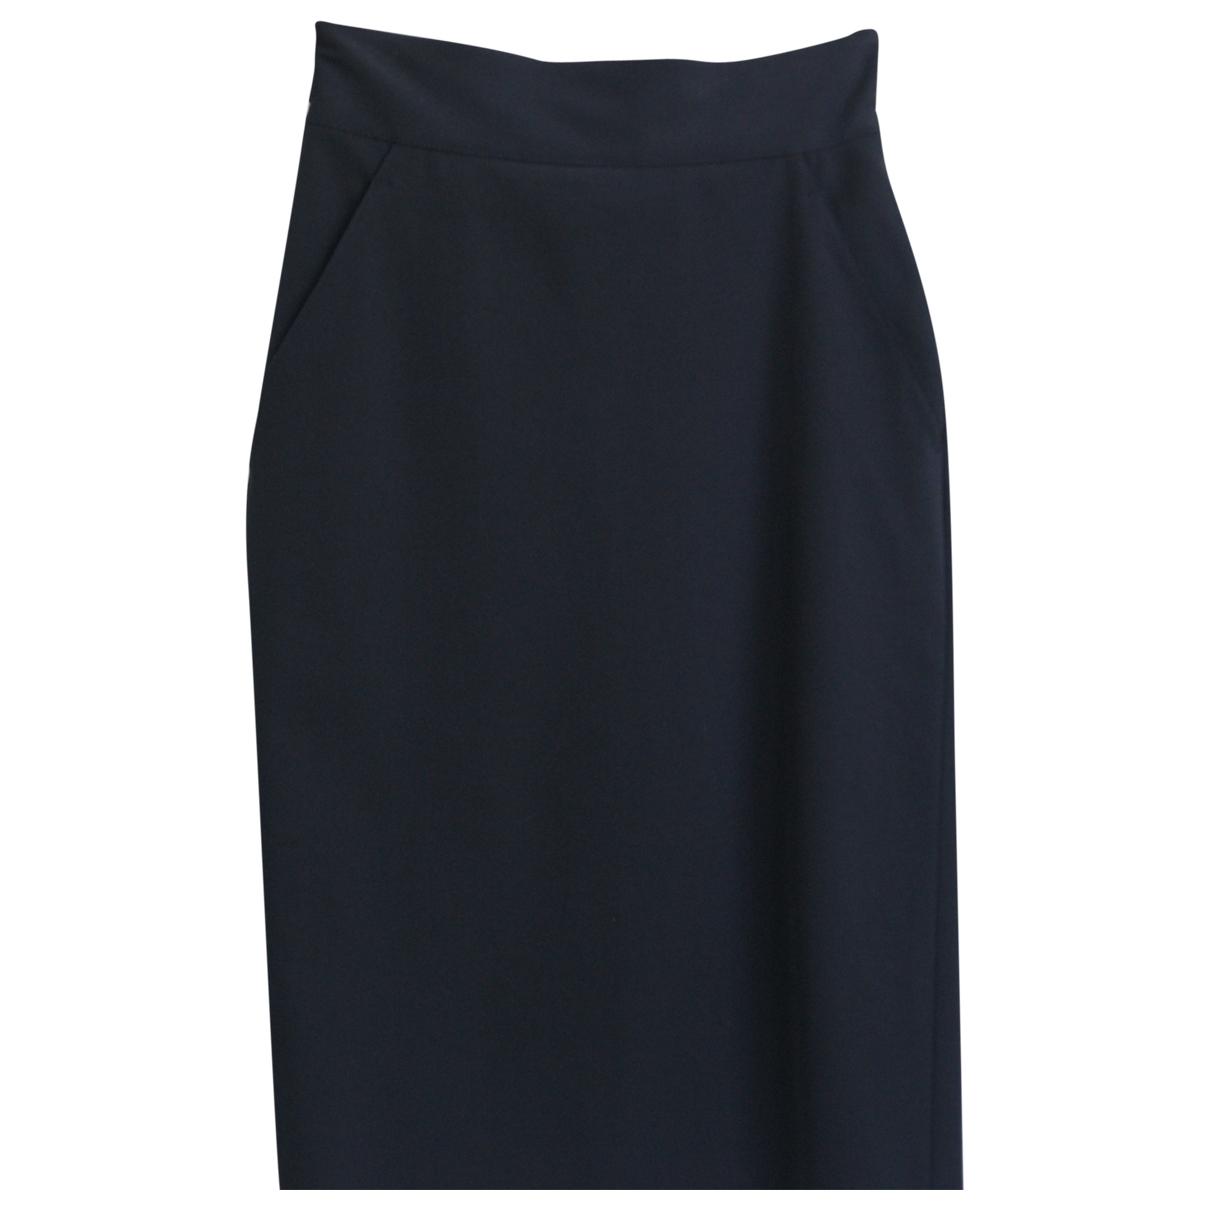 Jean Paul Gaultier \N Black Wool skirt for Women 34 FR